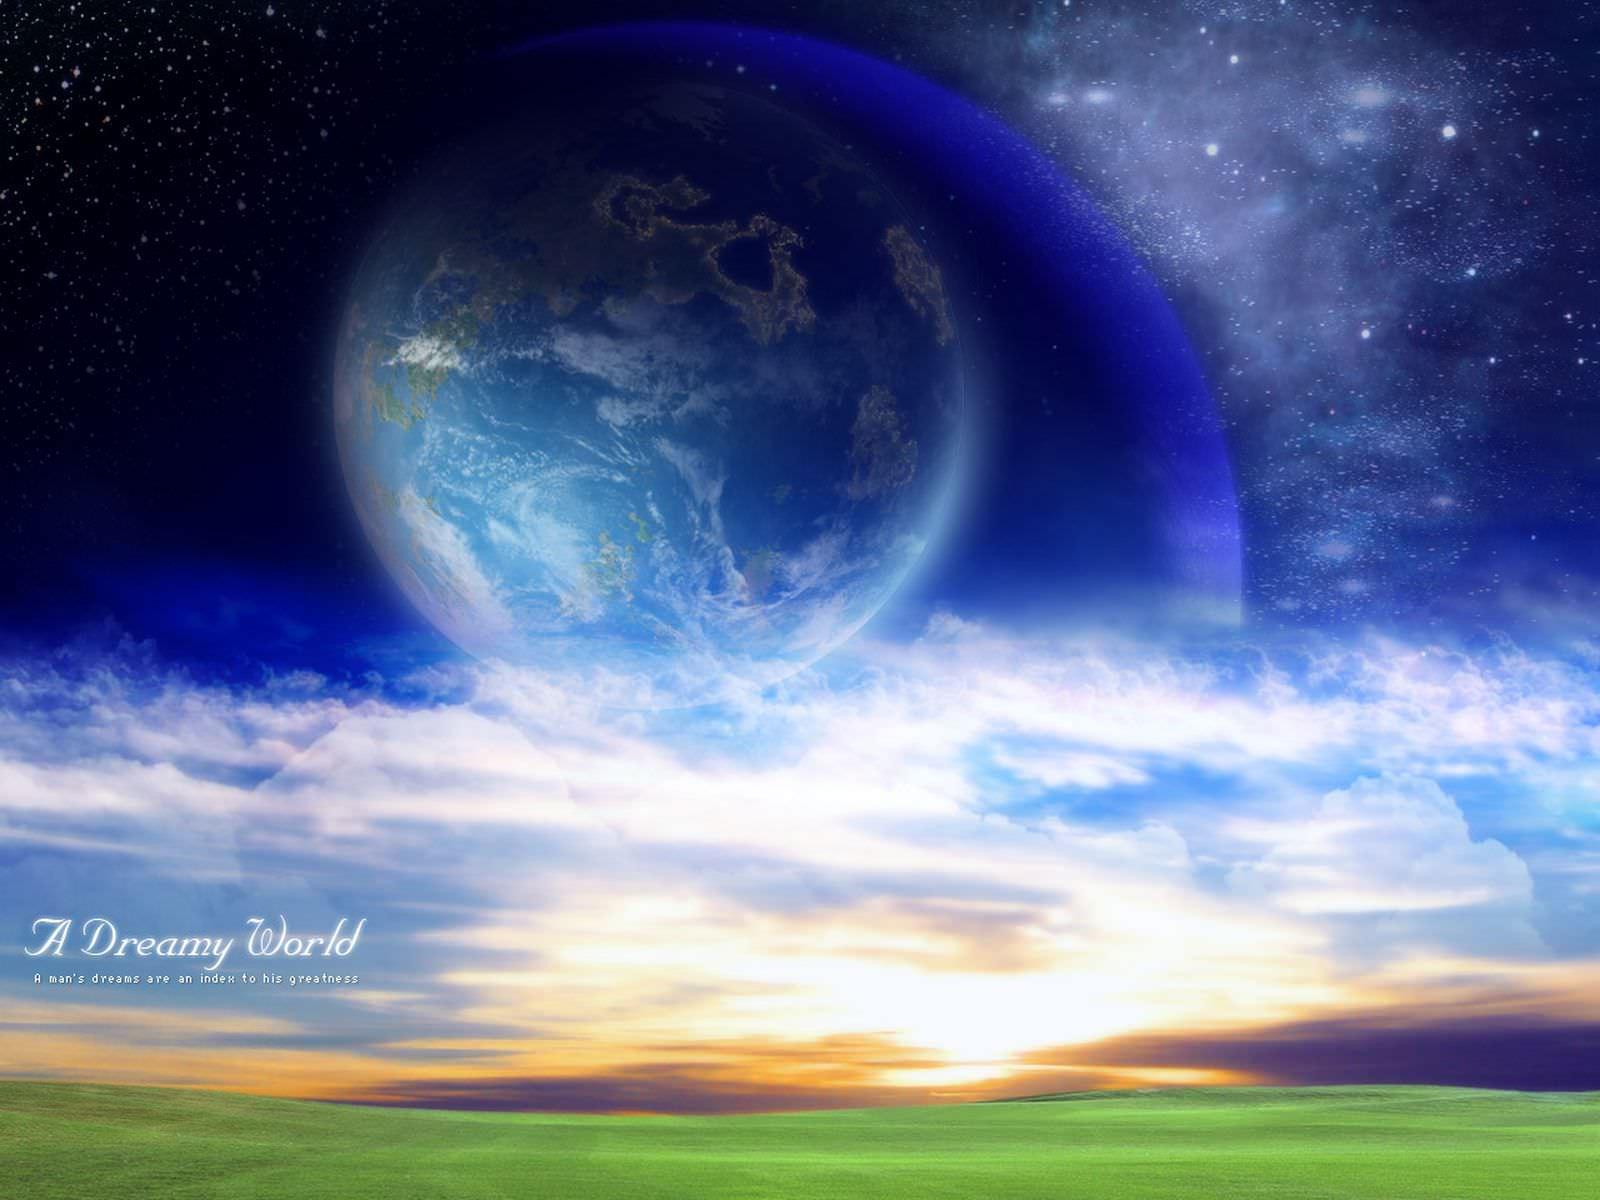 A_Dreamy_World_4th